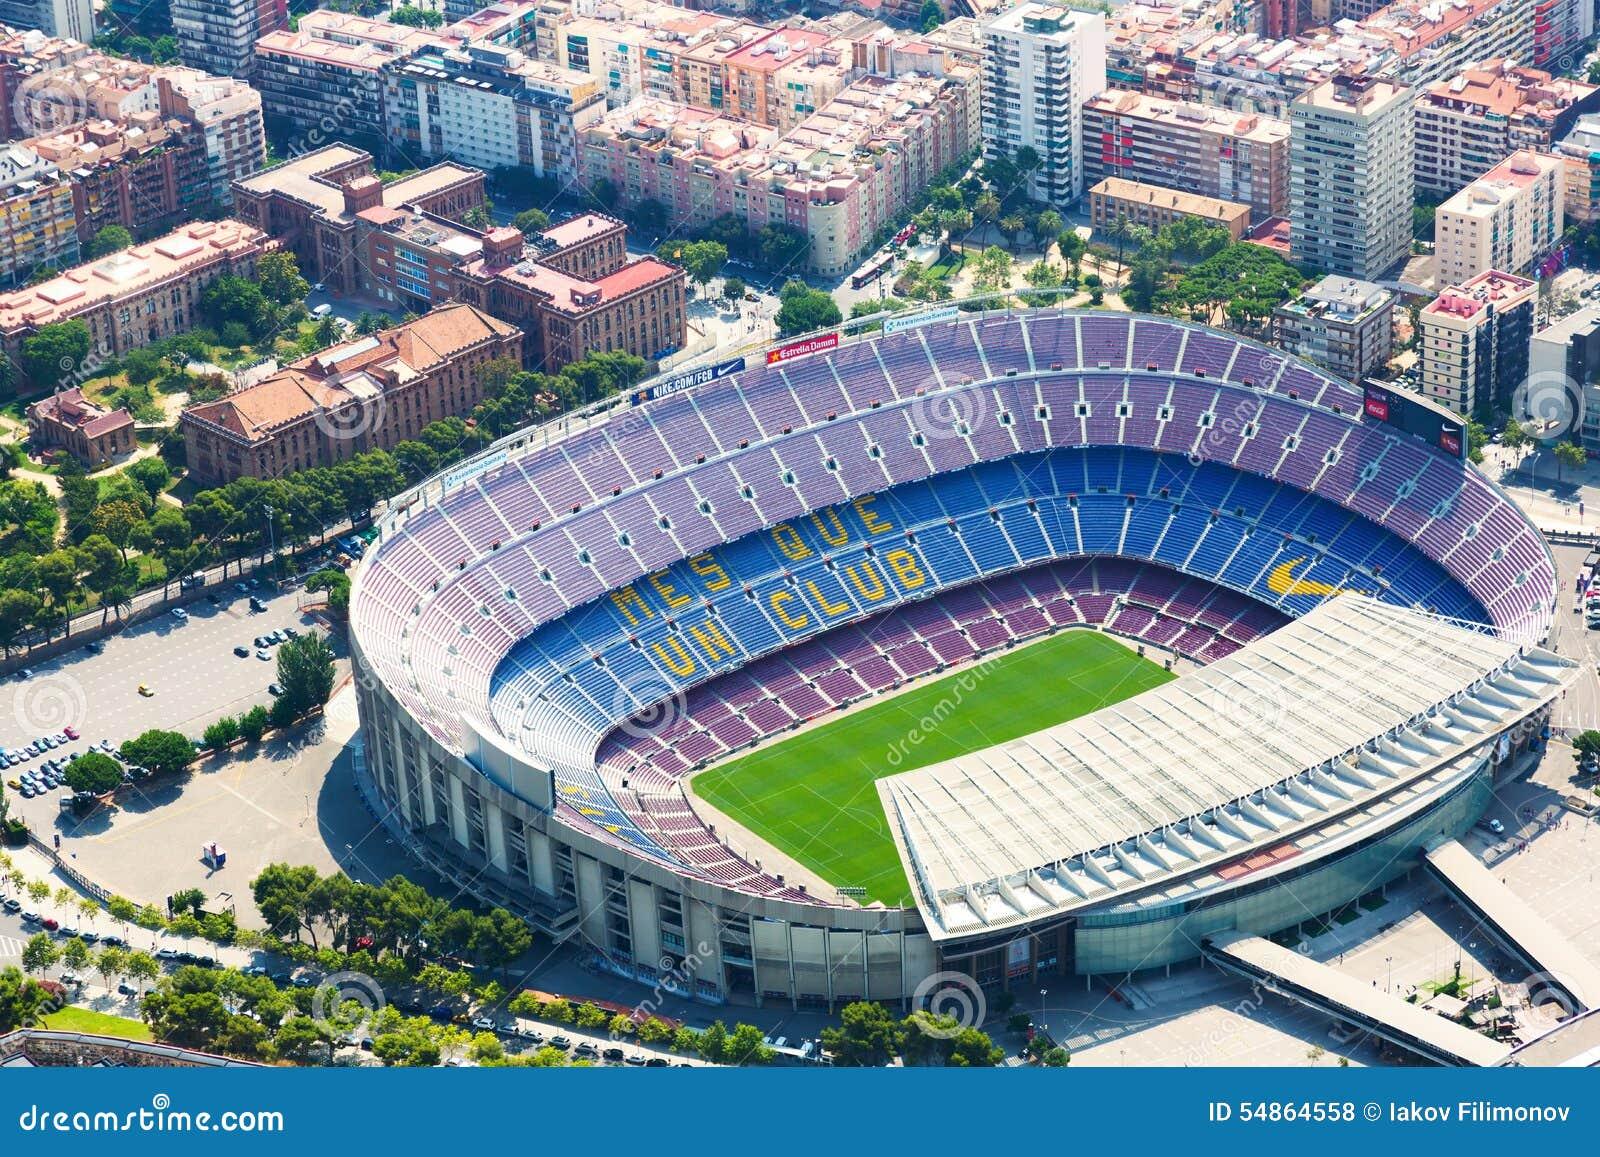 Ideia Aerea Do Estadio O Maior De Camp Nou De Barcelona Foto De Stock Editorial Imagem De Barcelona Estadio 54864558